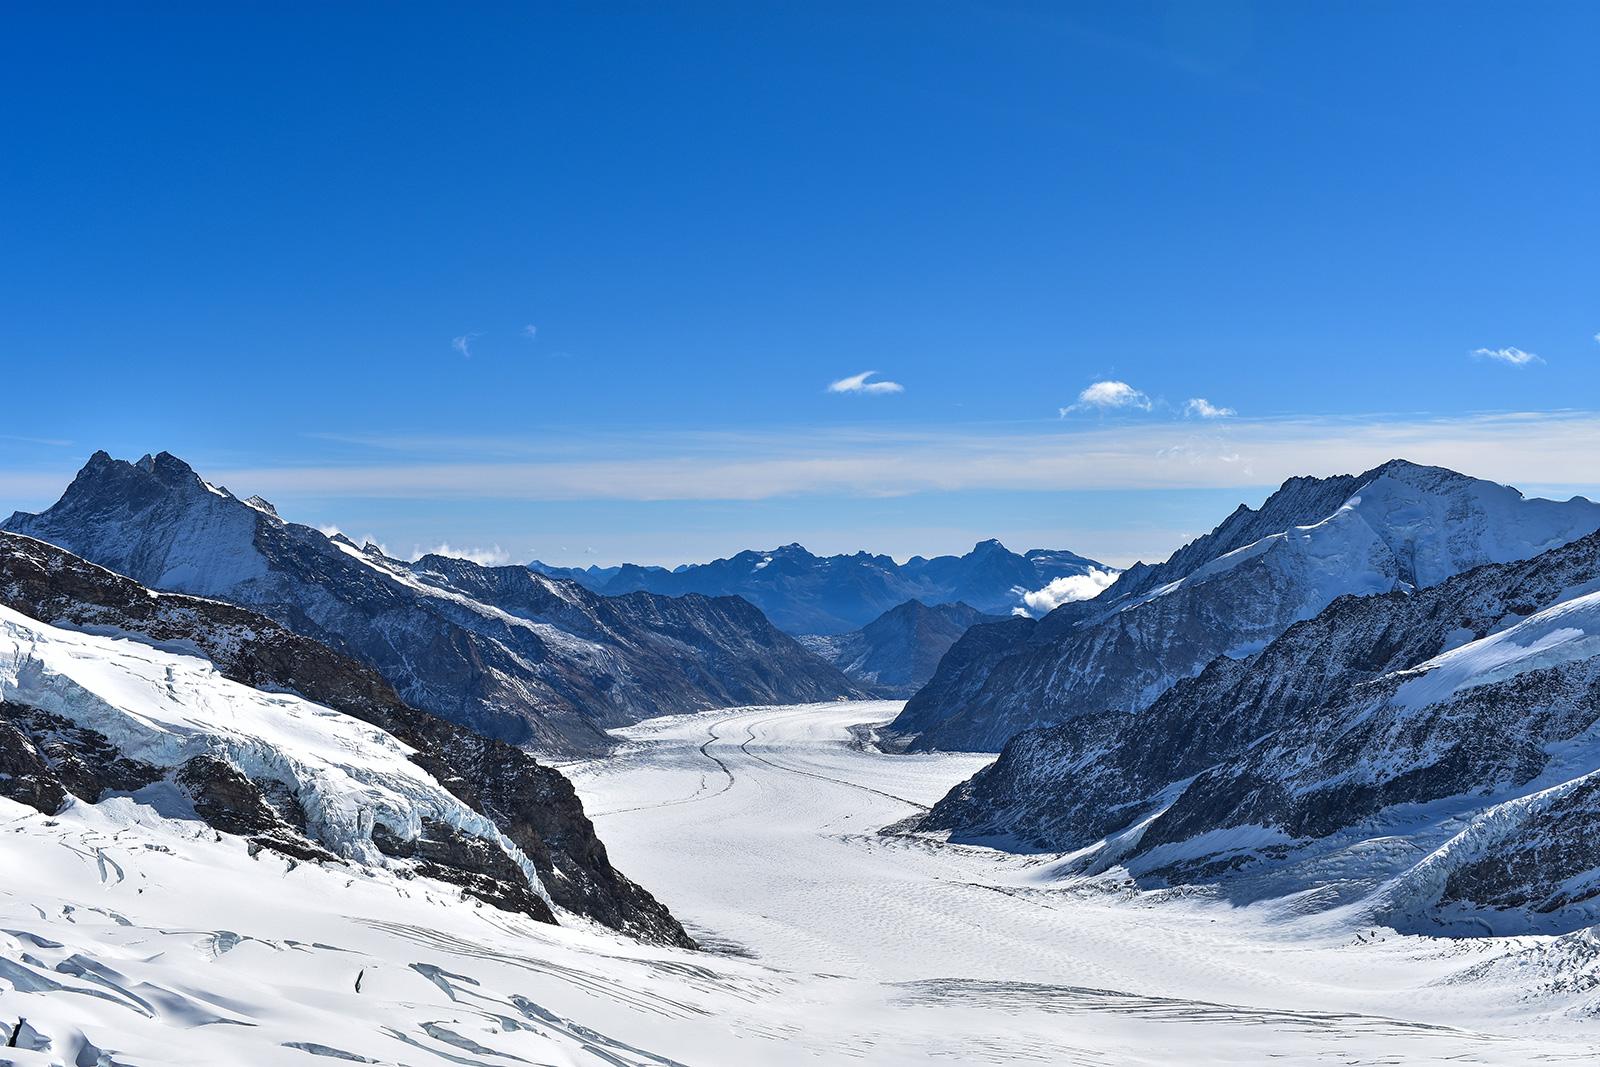 Aletschgleschter Sicht vom Jungfraujoch